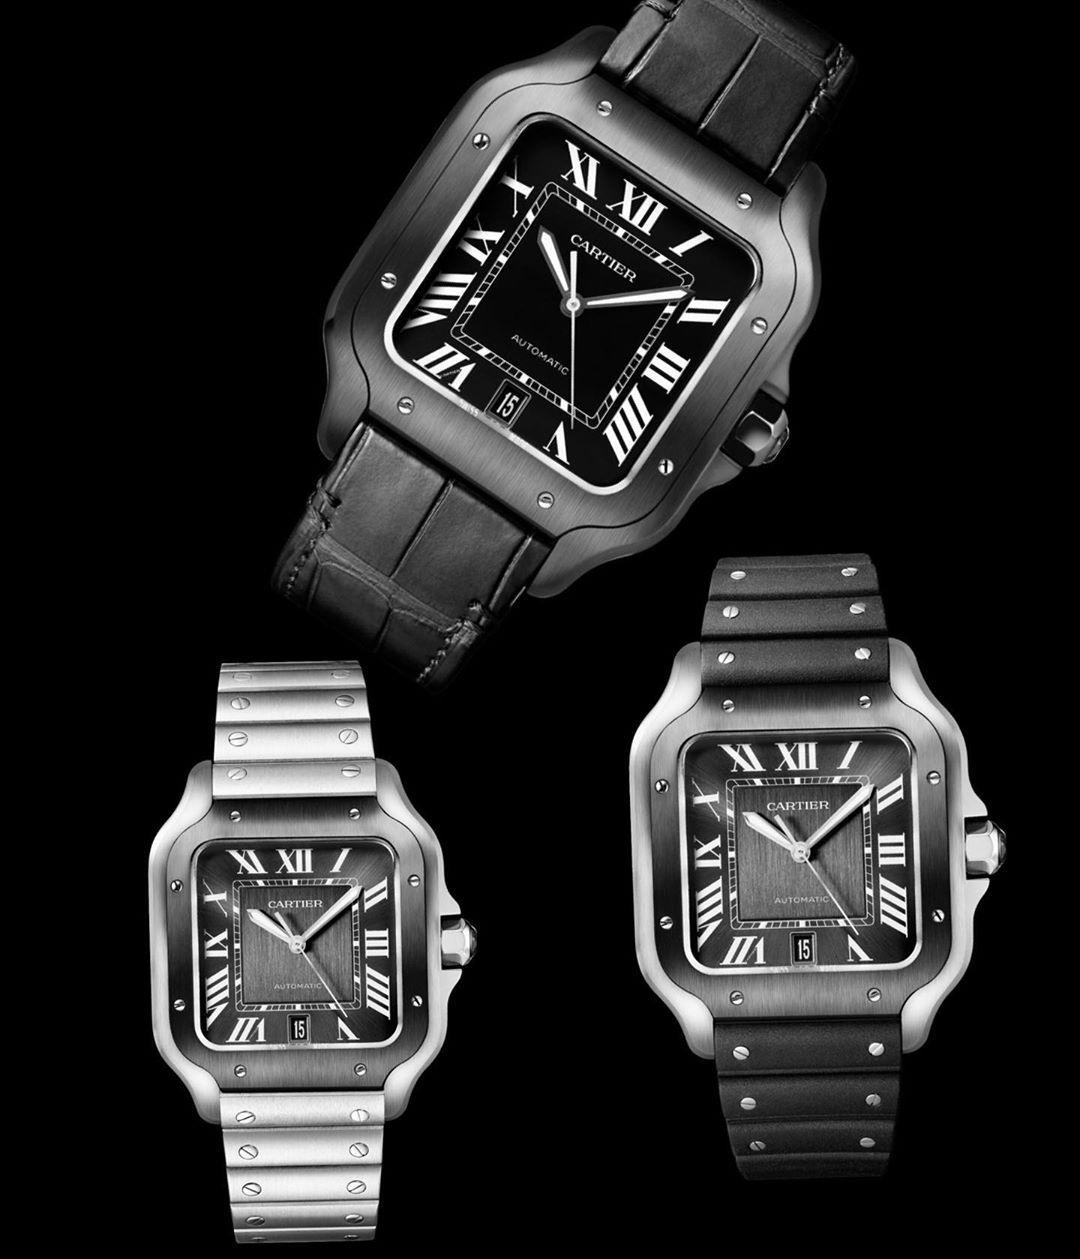 Magnificent 1847 On Instagram Santos De Cartier Watch Santos De Cartier Watch Large Model Manufacture Mechanical Movement With En 2020 Cartier Instagram My Guy